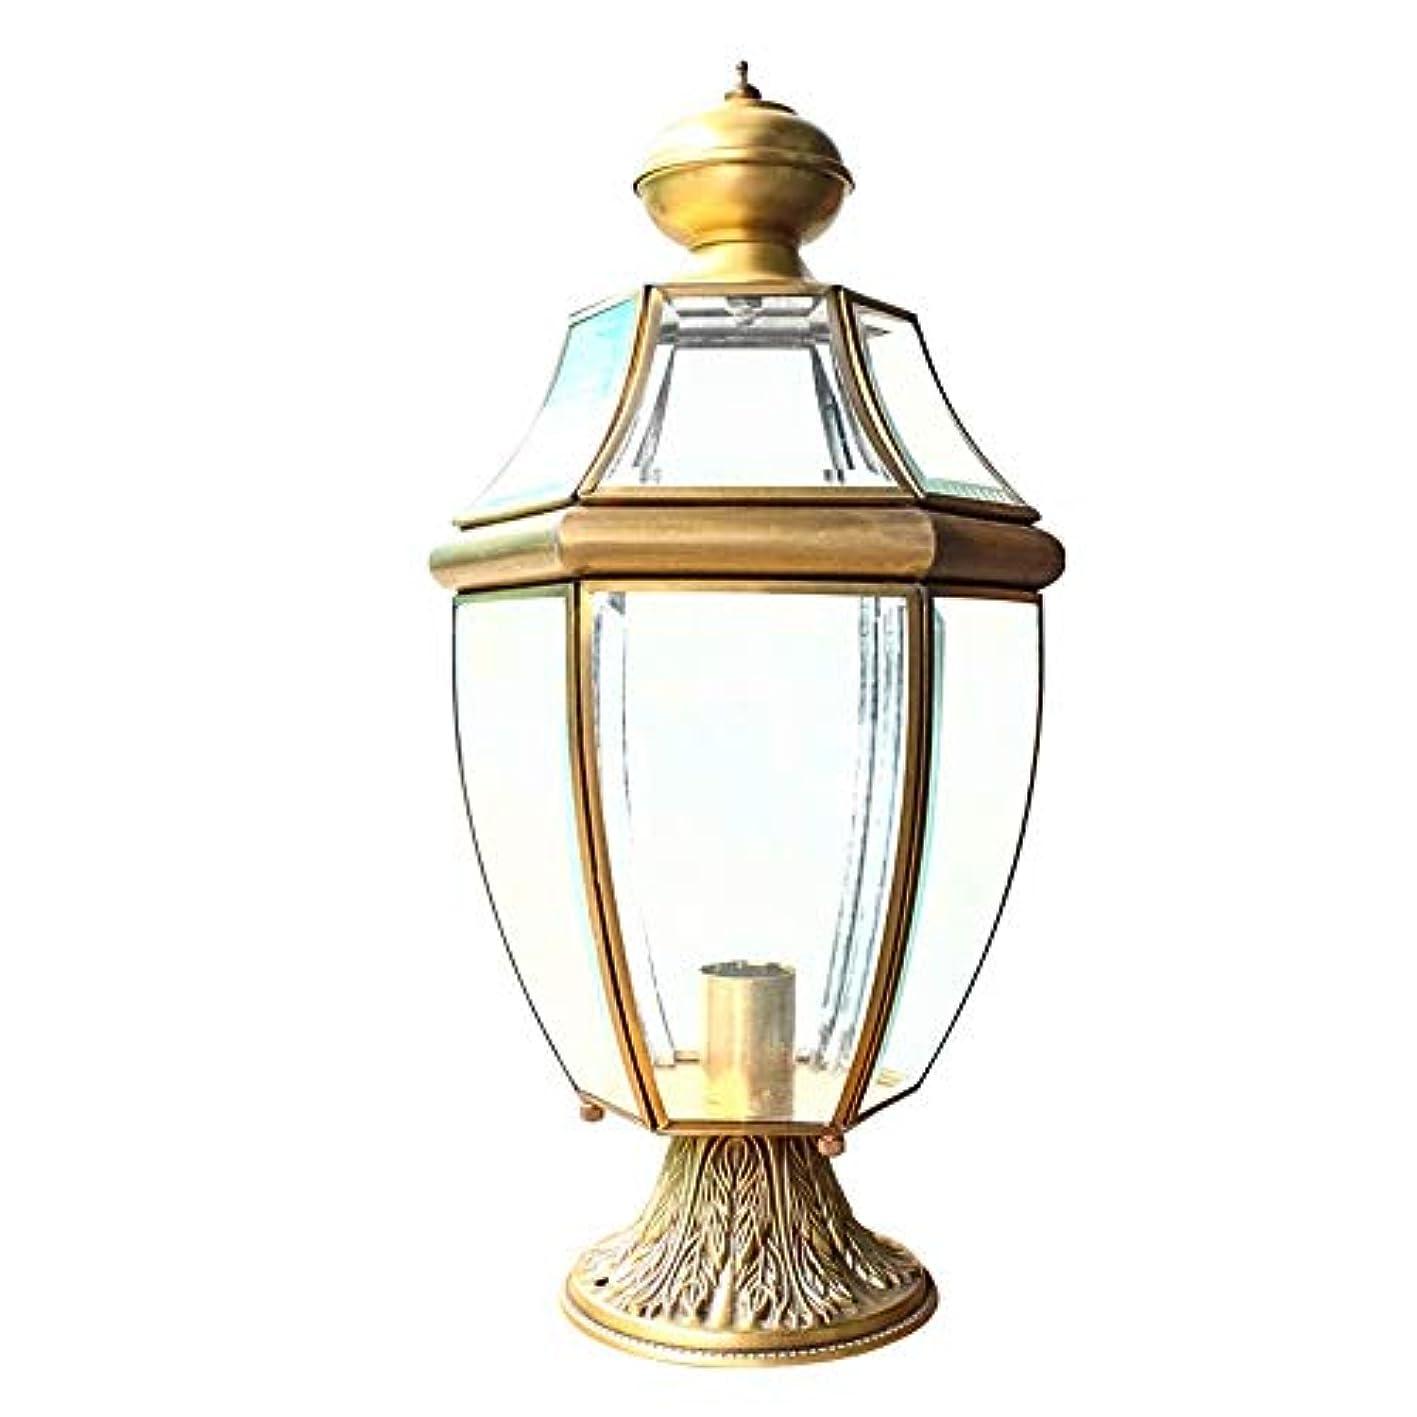 拾うリベラル城Pinjeer すべて銅屋外ガラスランタンE27レトロIP42防水ライト高級ガーデンポストライトアンチラスト風景装飾ピラーライトドアパークコミュニティバルコニー照明コラムランプ